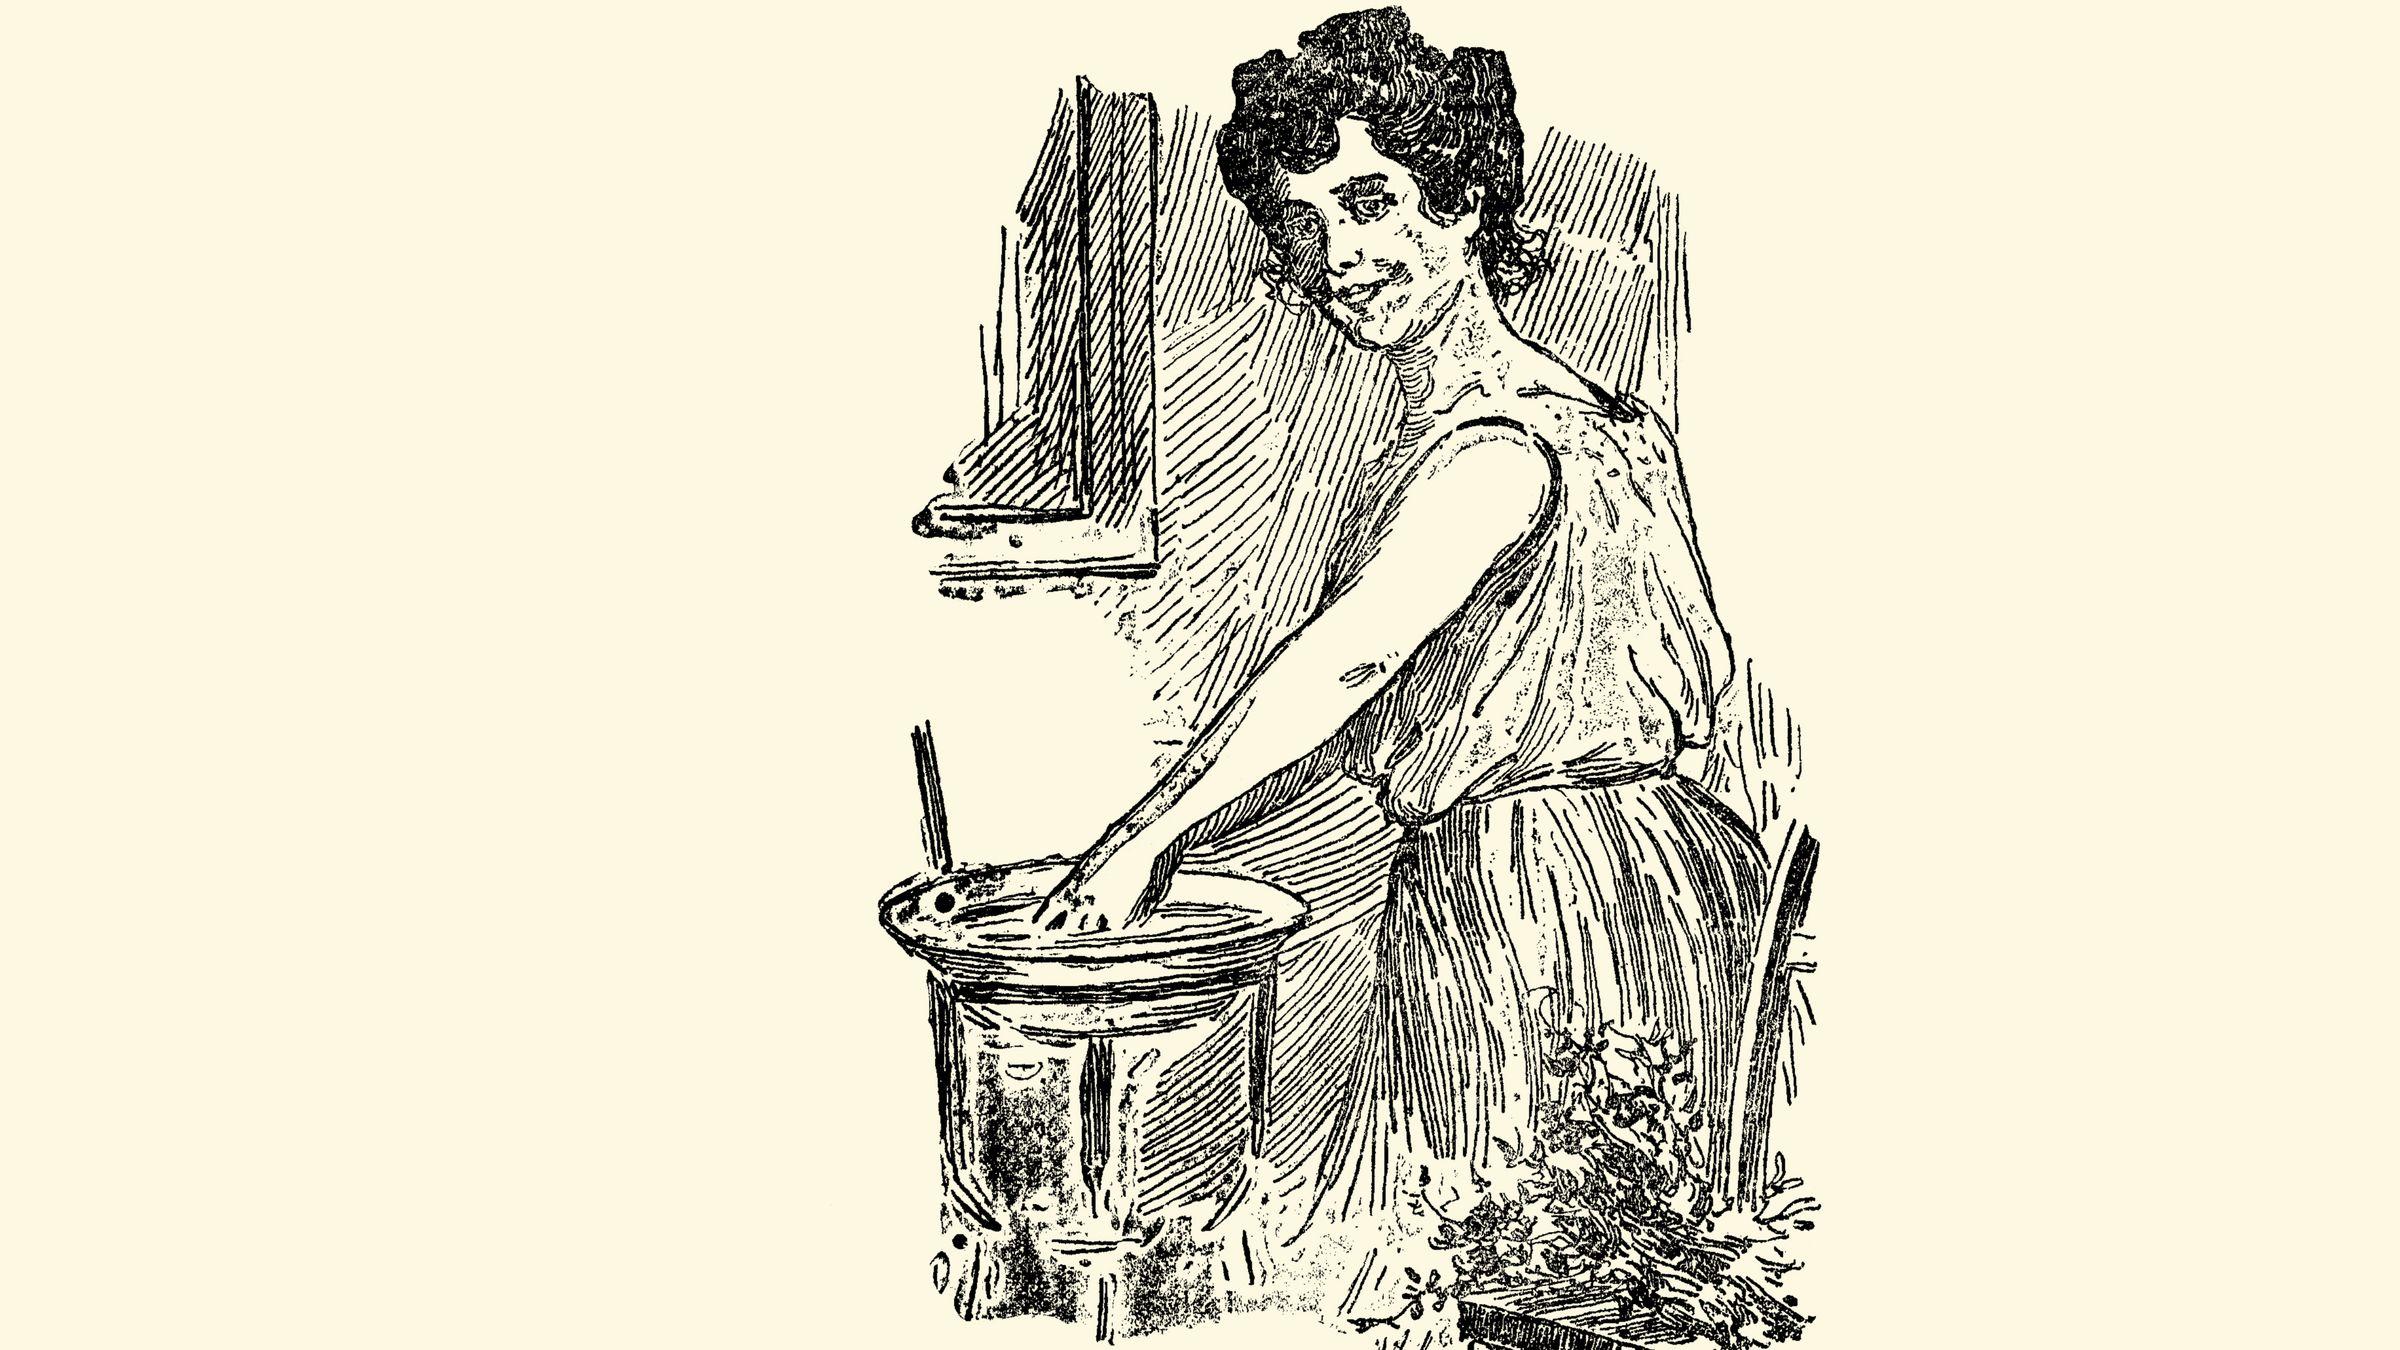 .Una muchacha prepara la típica agua de San Juan para la mañana del 24 de junio. «La matita de salvia, el pie de romero, la malva camuesa, la yerba buena, la reina Luisa, el laurel. Todo cayó al filo de la hoz [...] y sus sanos perfumes invadieron en gratísima oleada el ambiente», decía el pie de la ilustración.